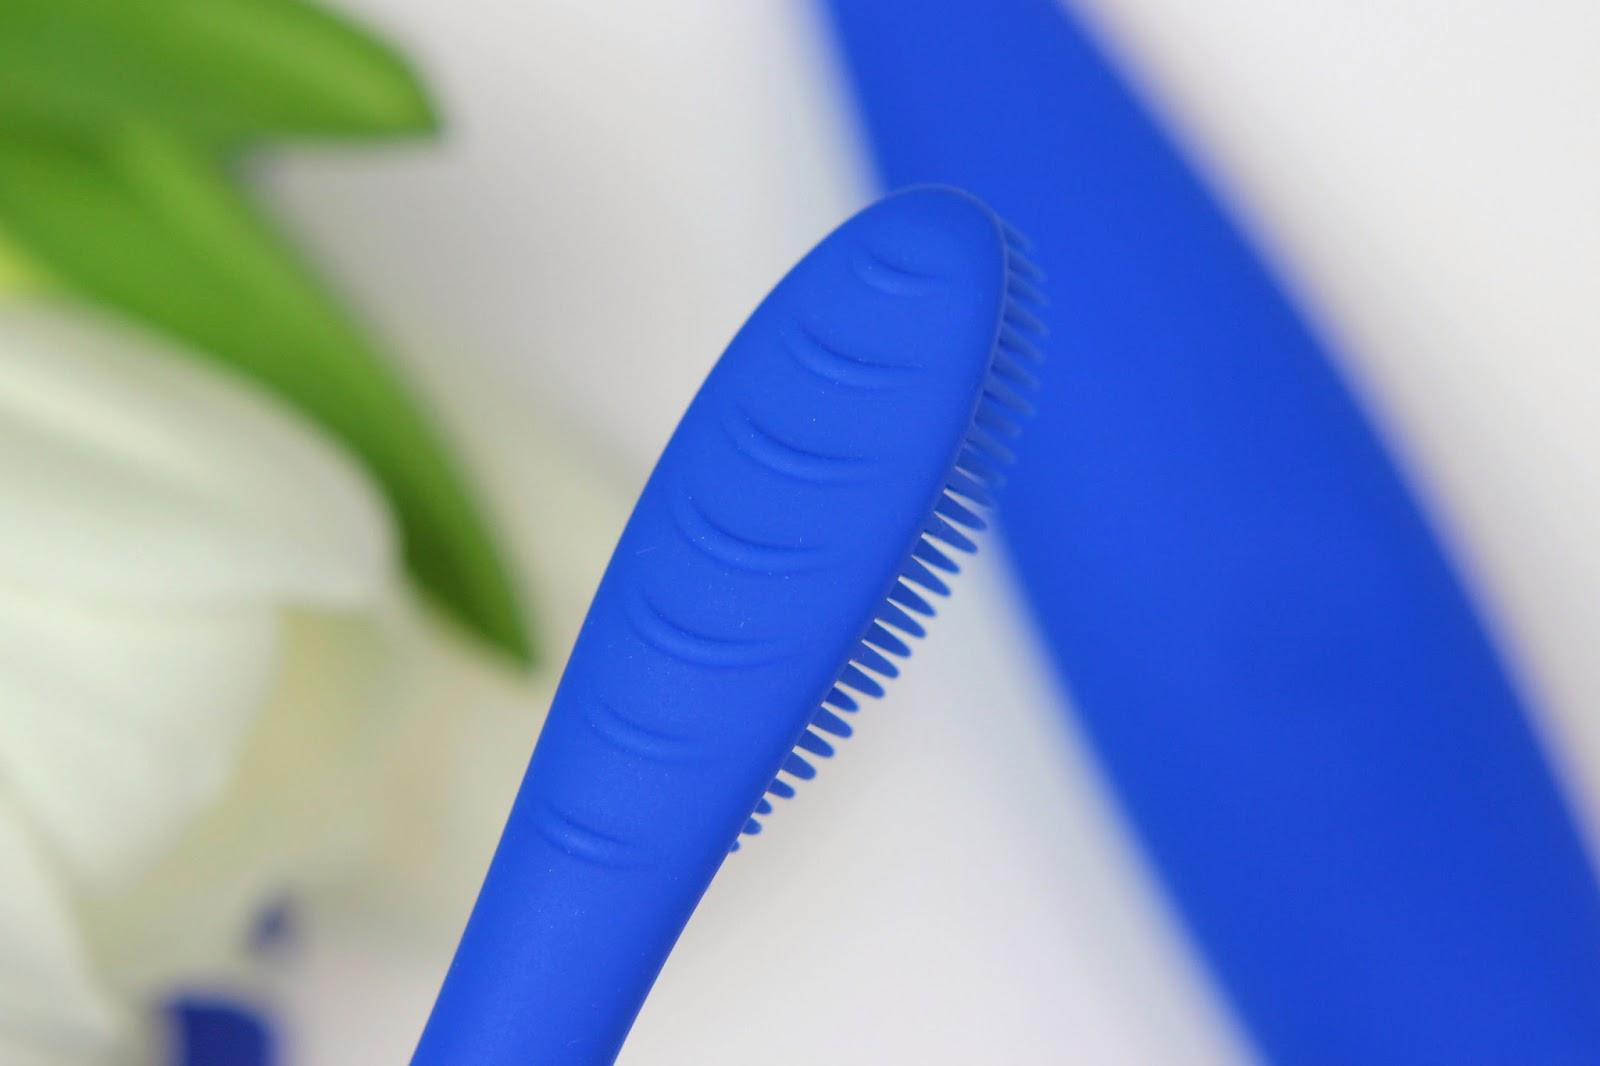 antibakteriell, bürstenkopf, elektrische zahnbürste, empfindliche zähne, erfahrung, foreo, issa hybrid, mundhygiene, review, schallzahnbürste, silikonborsten, sonic pulse technologie, zähne aufhellen,